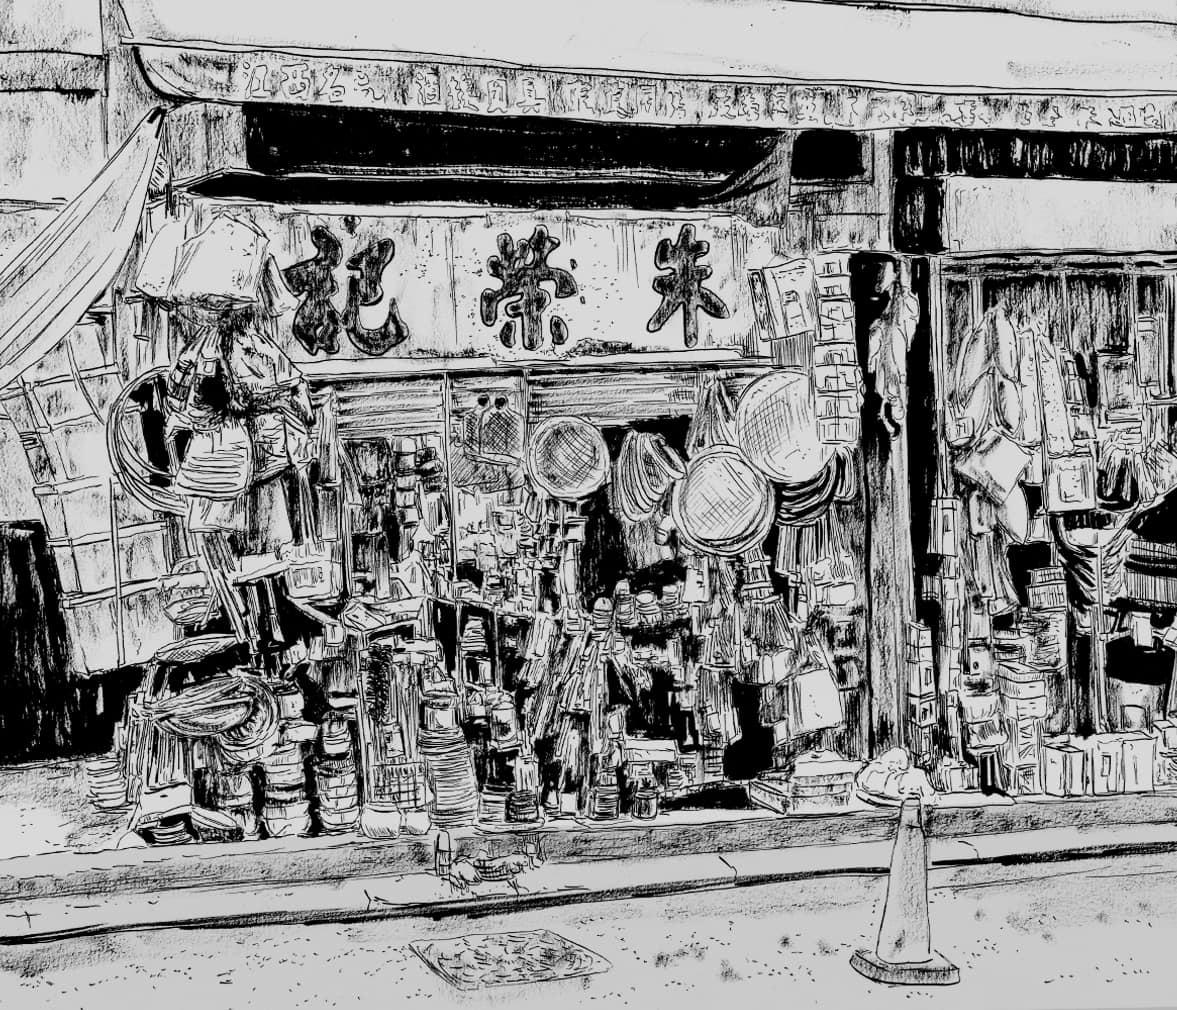 香港藝術 插畫家 Pen So 黑白漫畫 災難之後 九龍城寨 本土文化 黑白 朱榮記